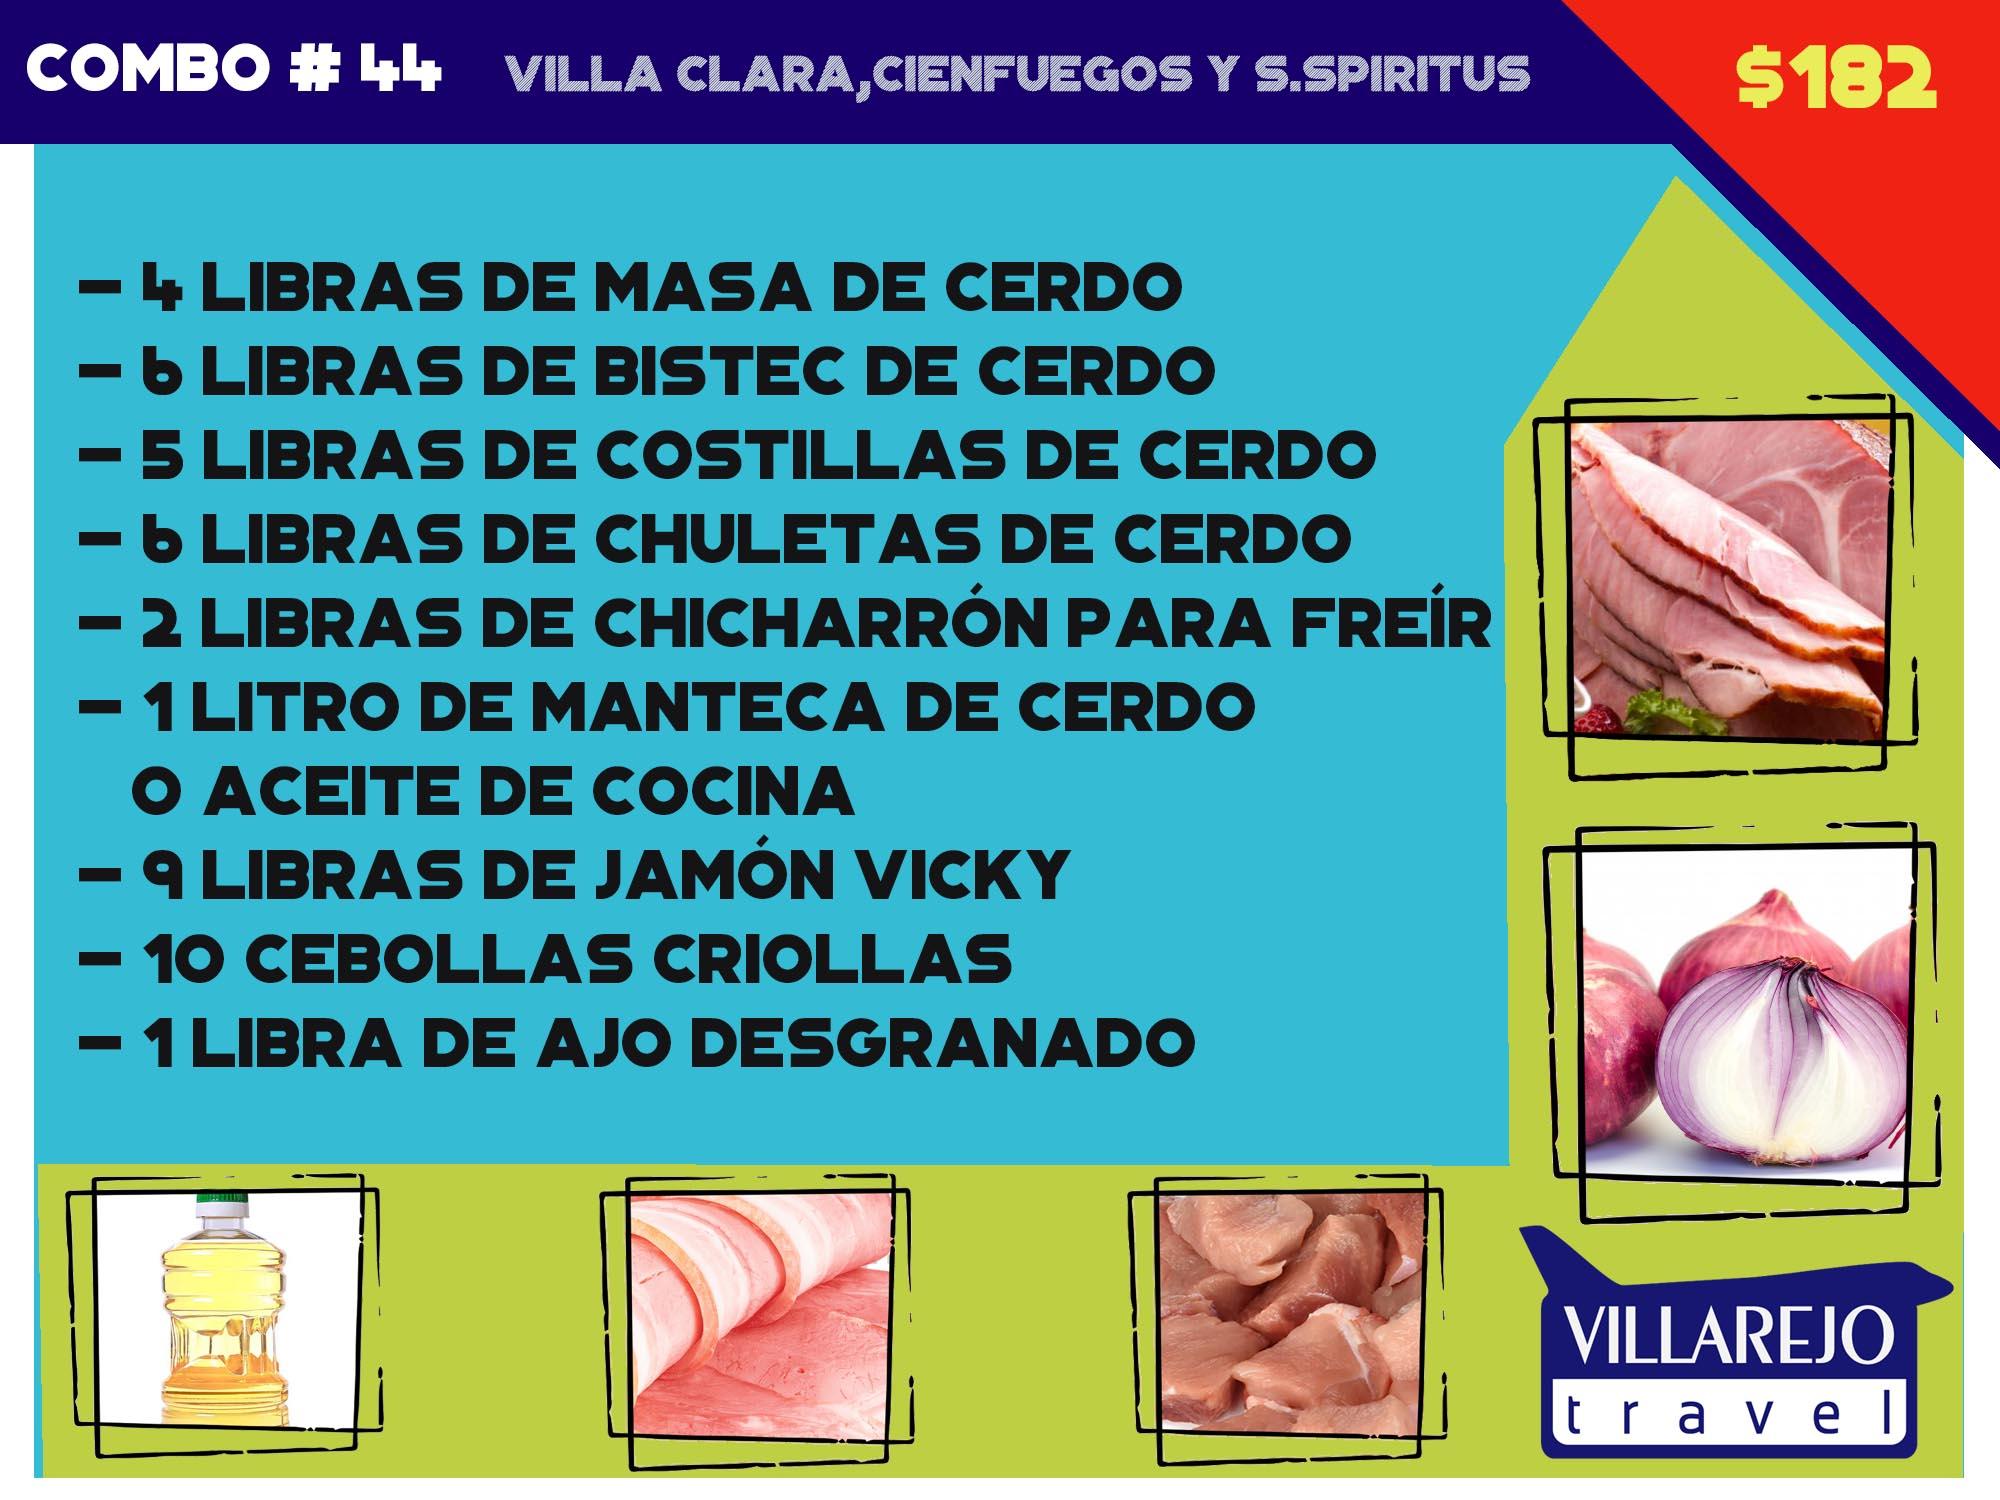 COMBO # 44 VILLA CLARA,CIENFUEGOS Y S.SPIRITUS